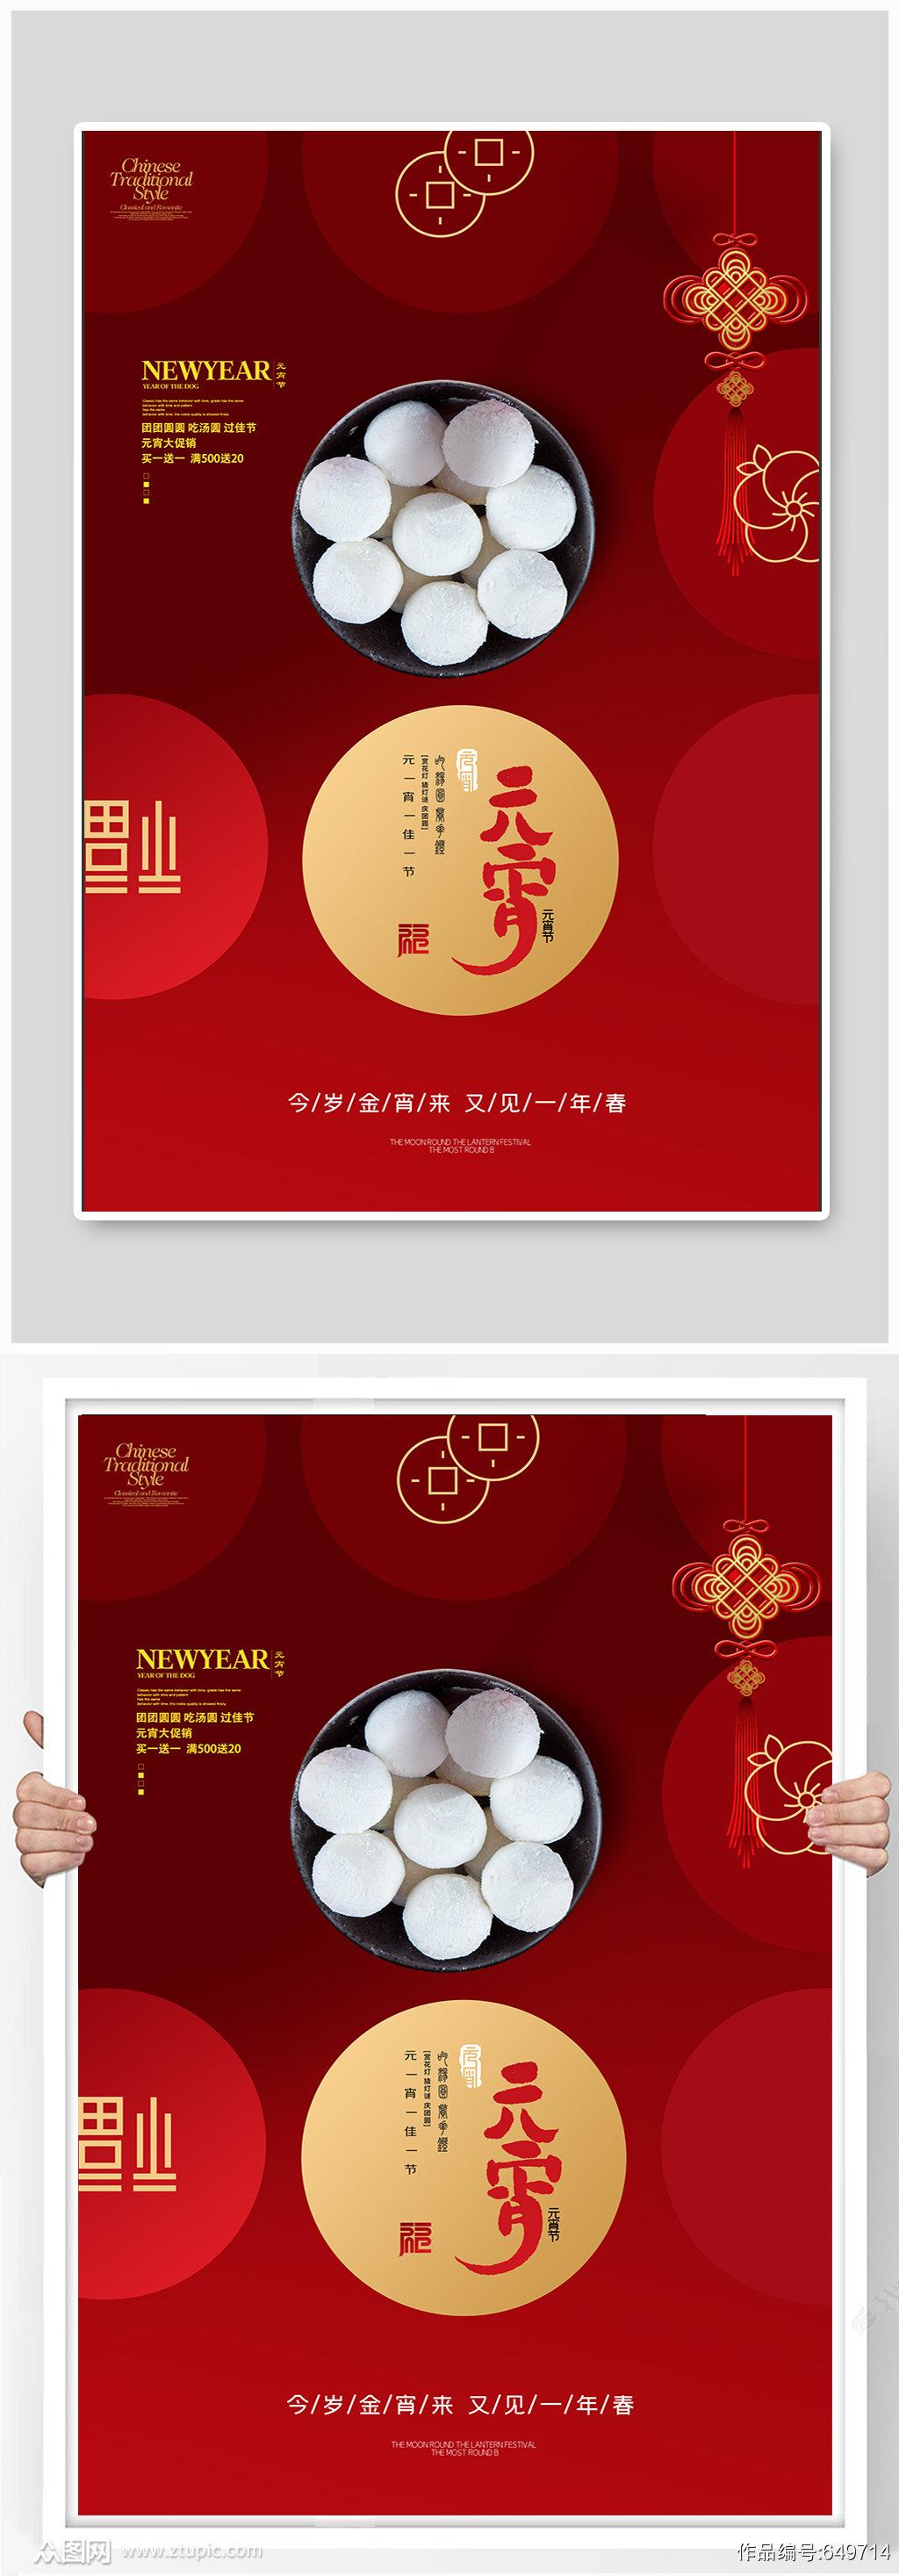 红色喜庆元宵节正月十五汤圆花灯春节海报素材